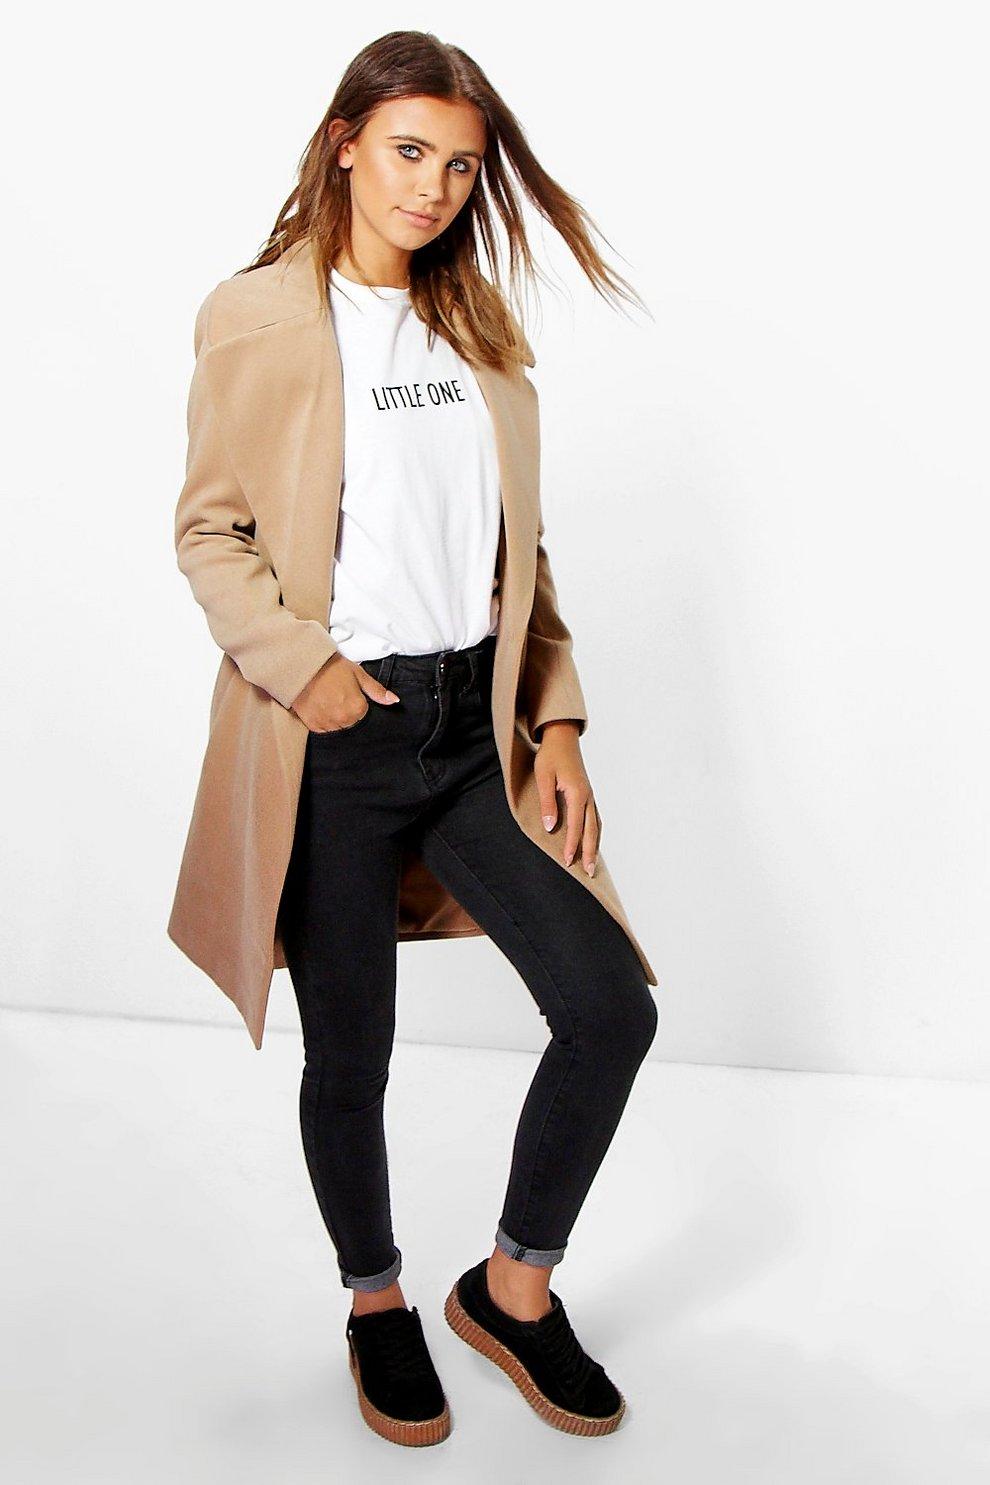 wholesale dealer e463d eb851 Taglia piccola Rebecca cappotto con colletto color cammello oversize